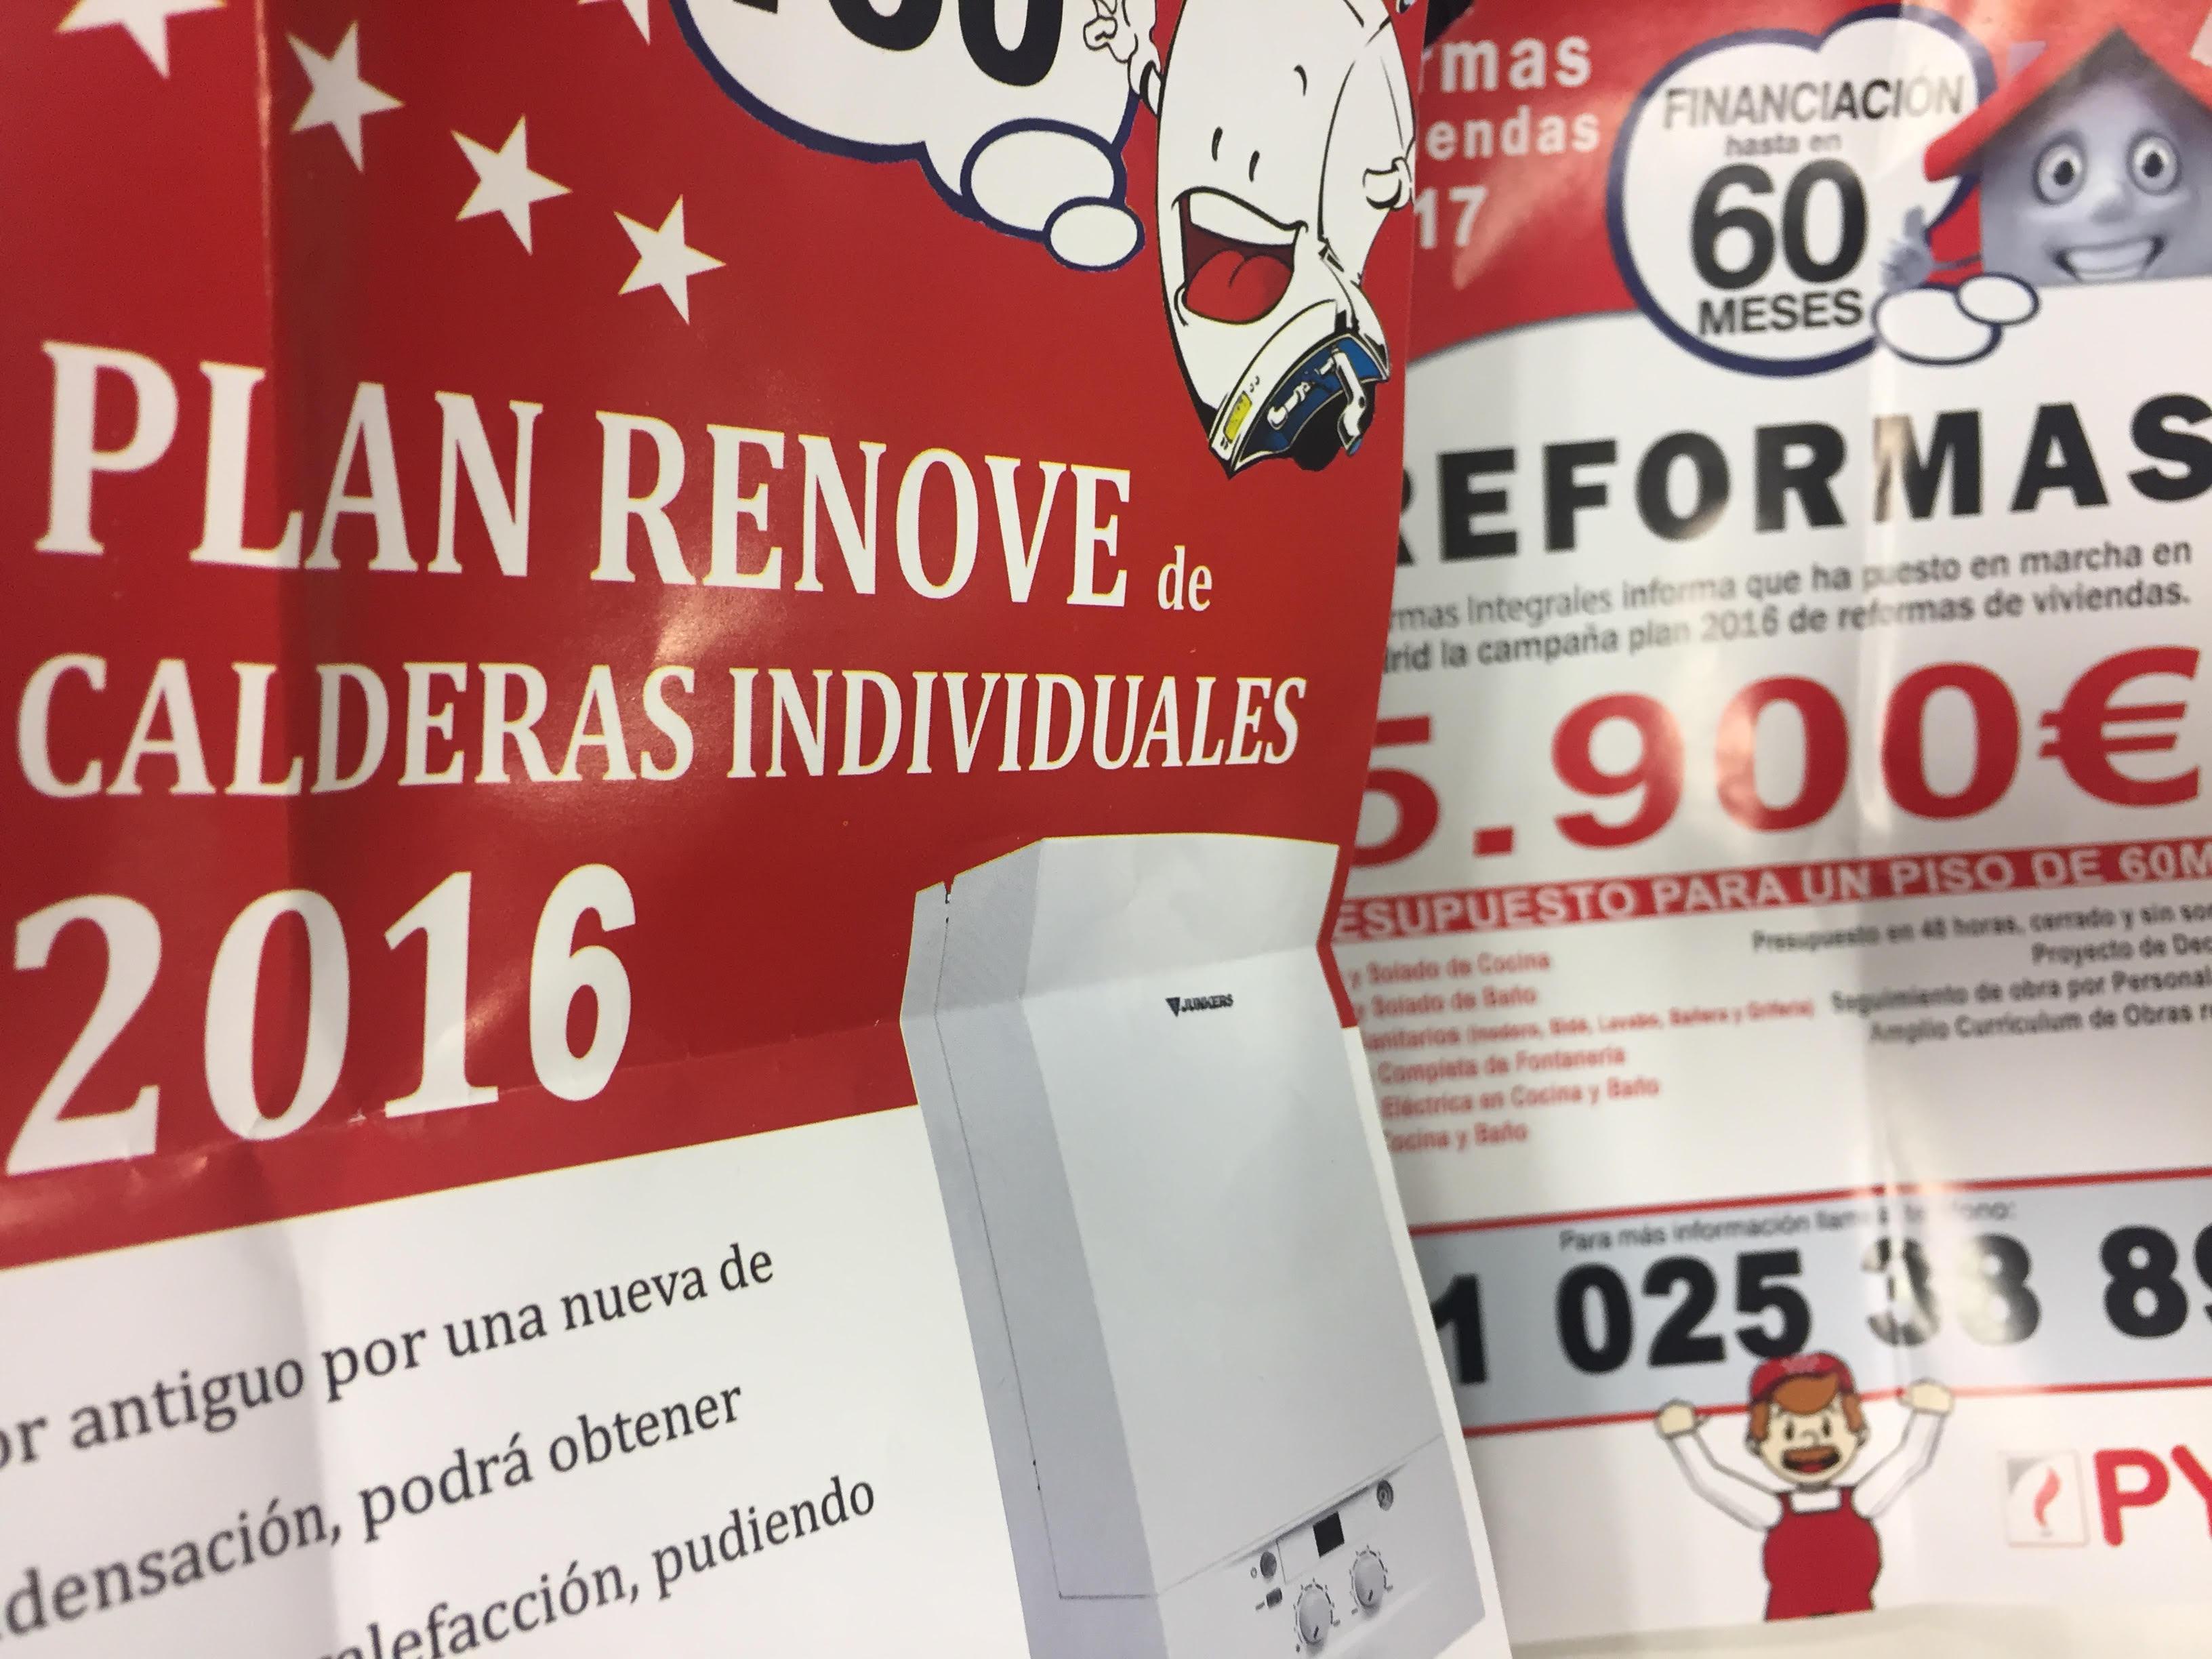 El plan renove\' autonómico: subvenciones para muebles, reformas en ...